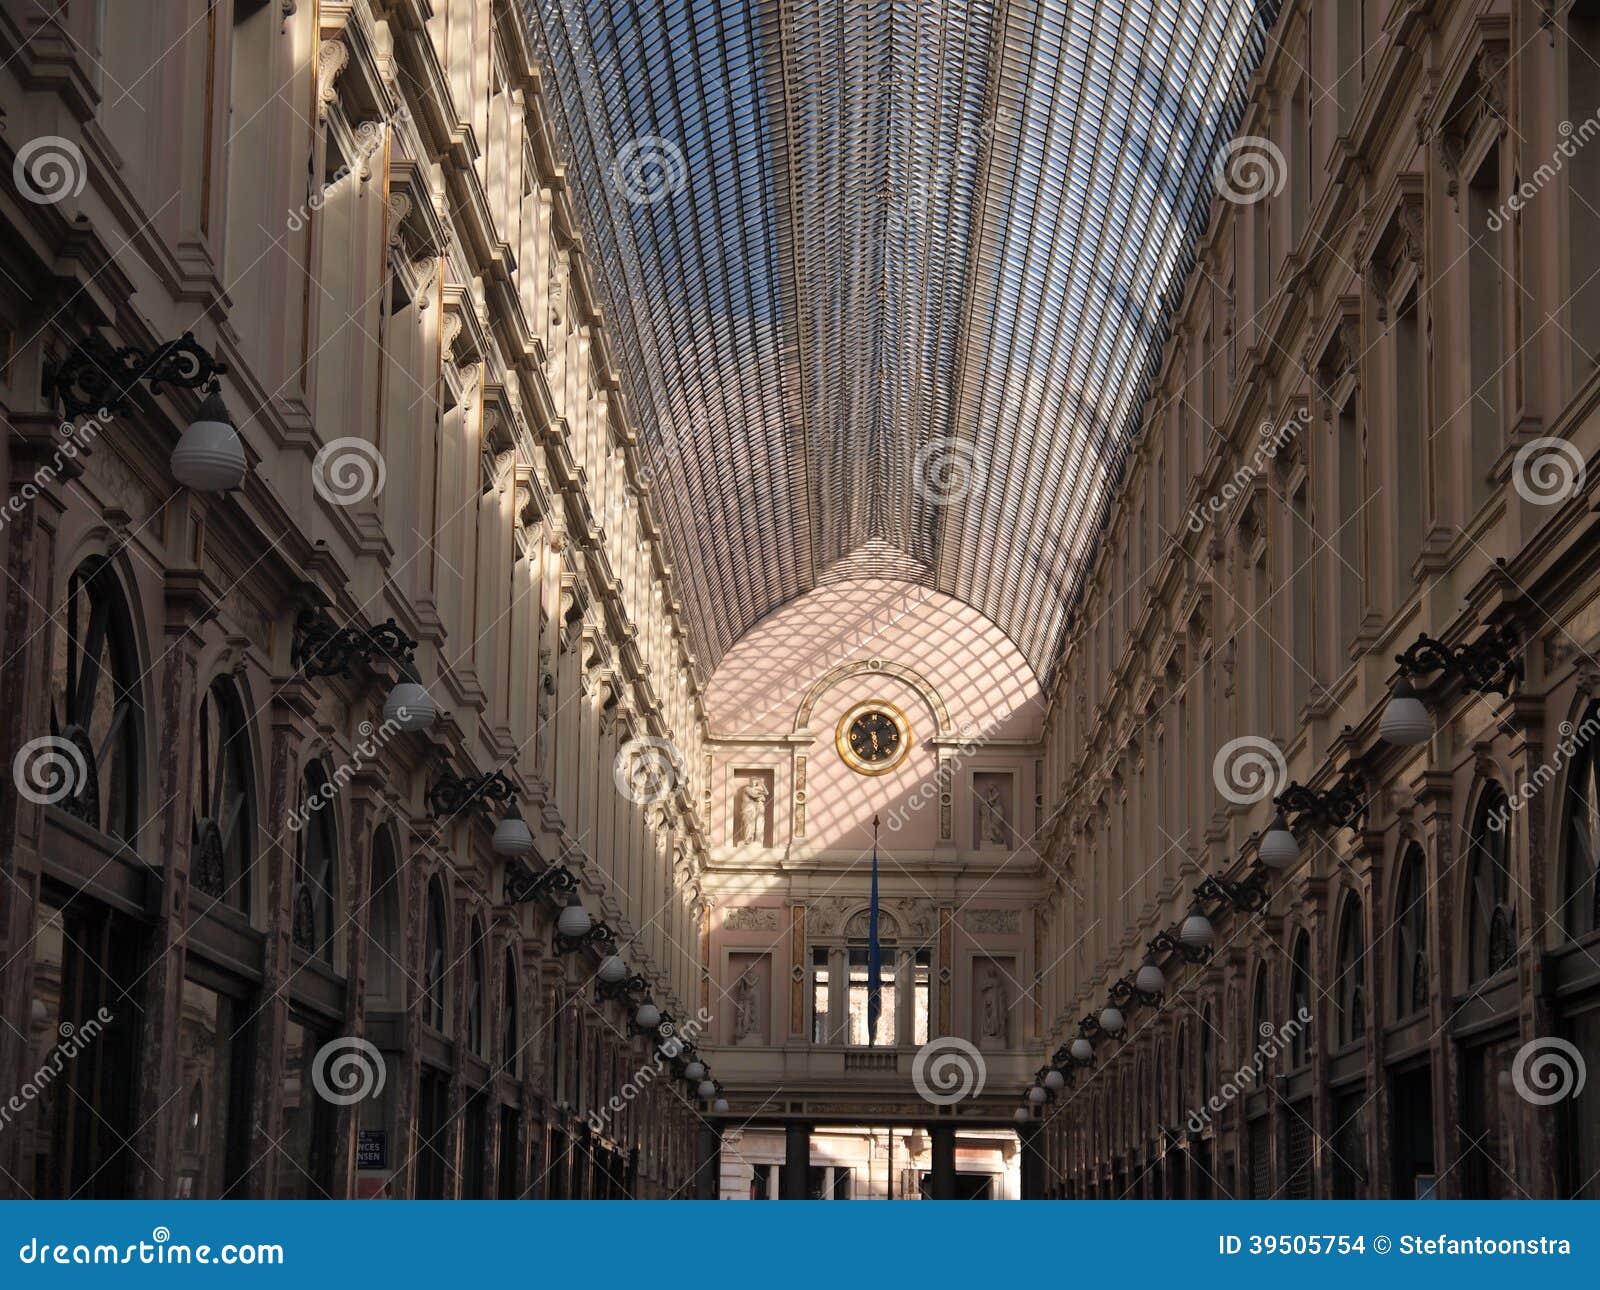 Saint Hubertus Royal Gallery (Brussels, Belgium)